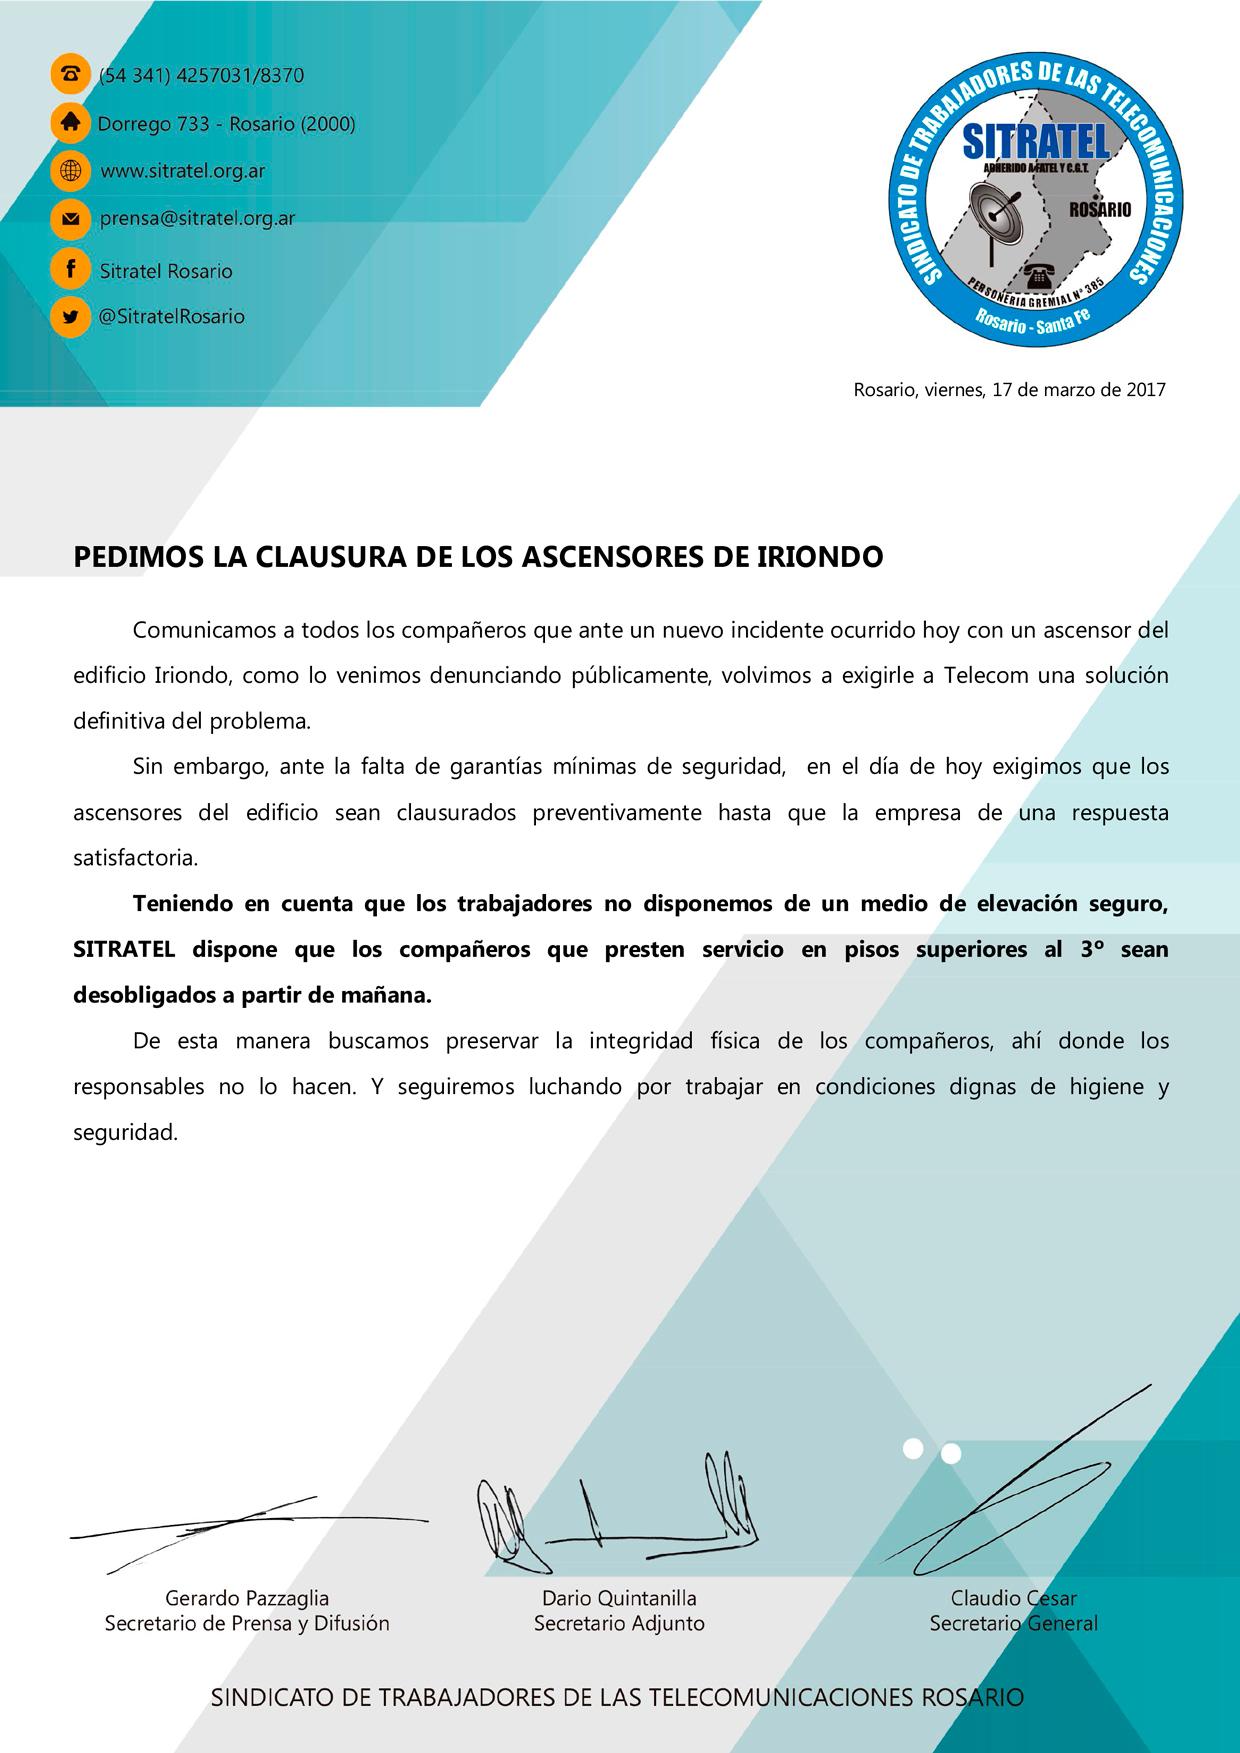 PEDIMOS-LA-CLAUSURA-DE-LOS-ASCENSORES-DE-IRIONDO